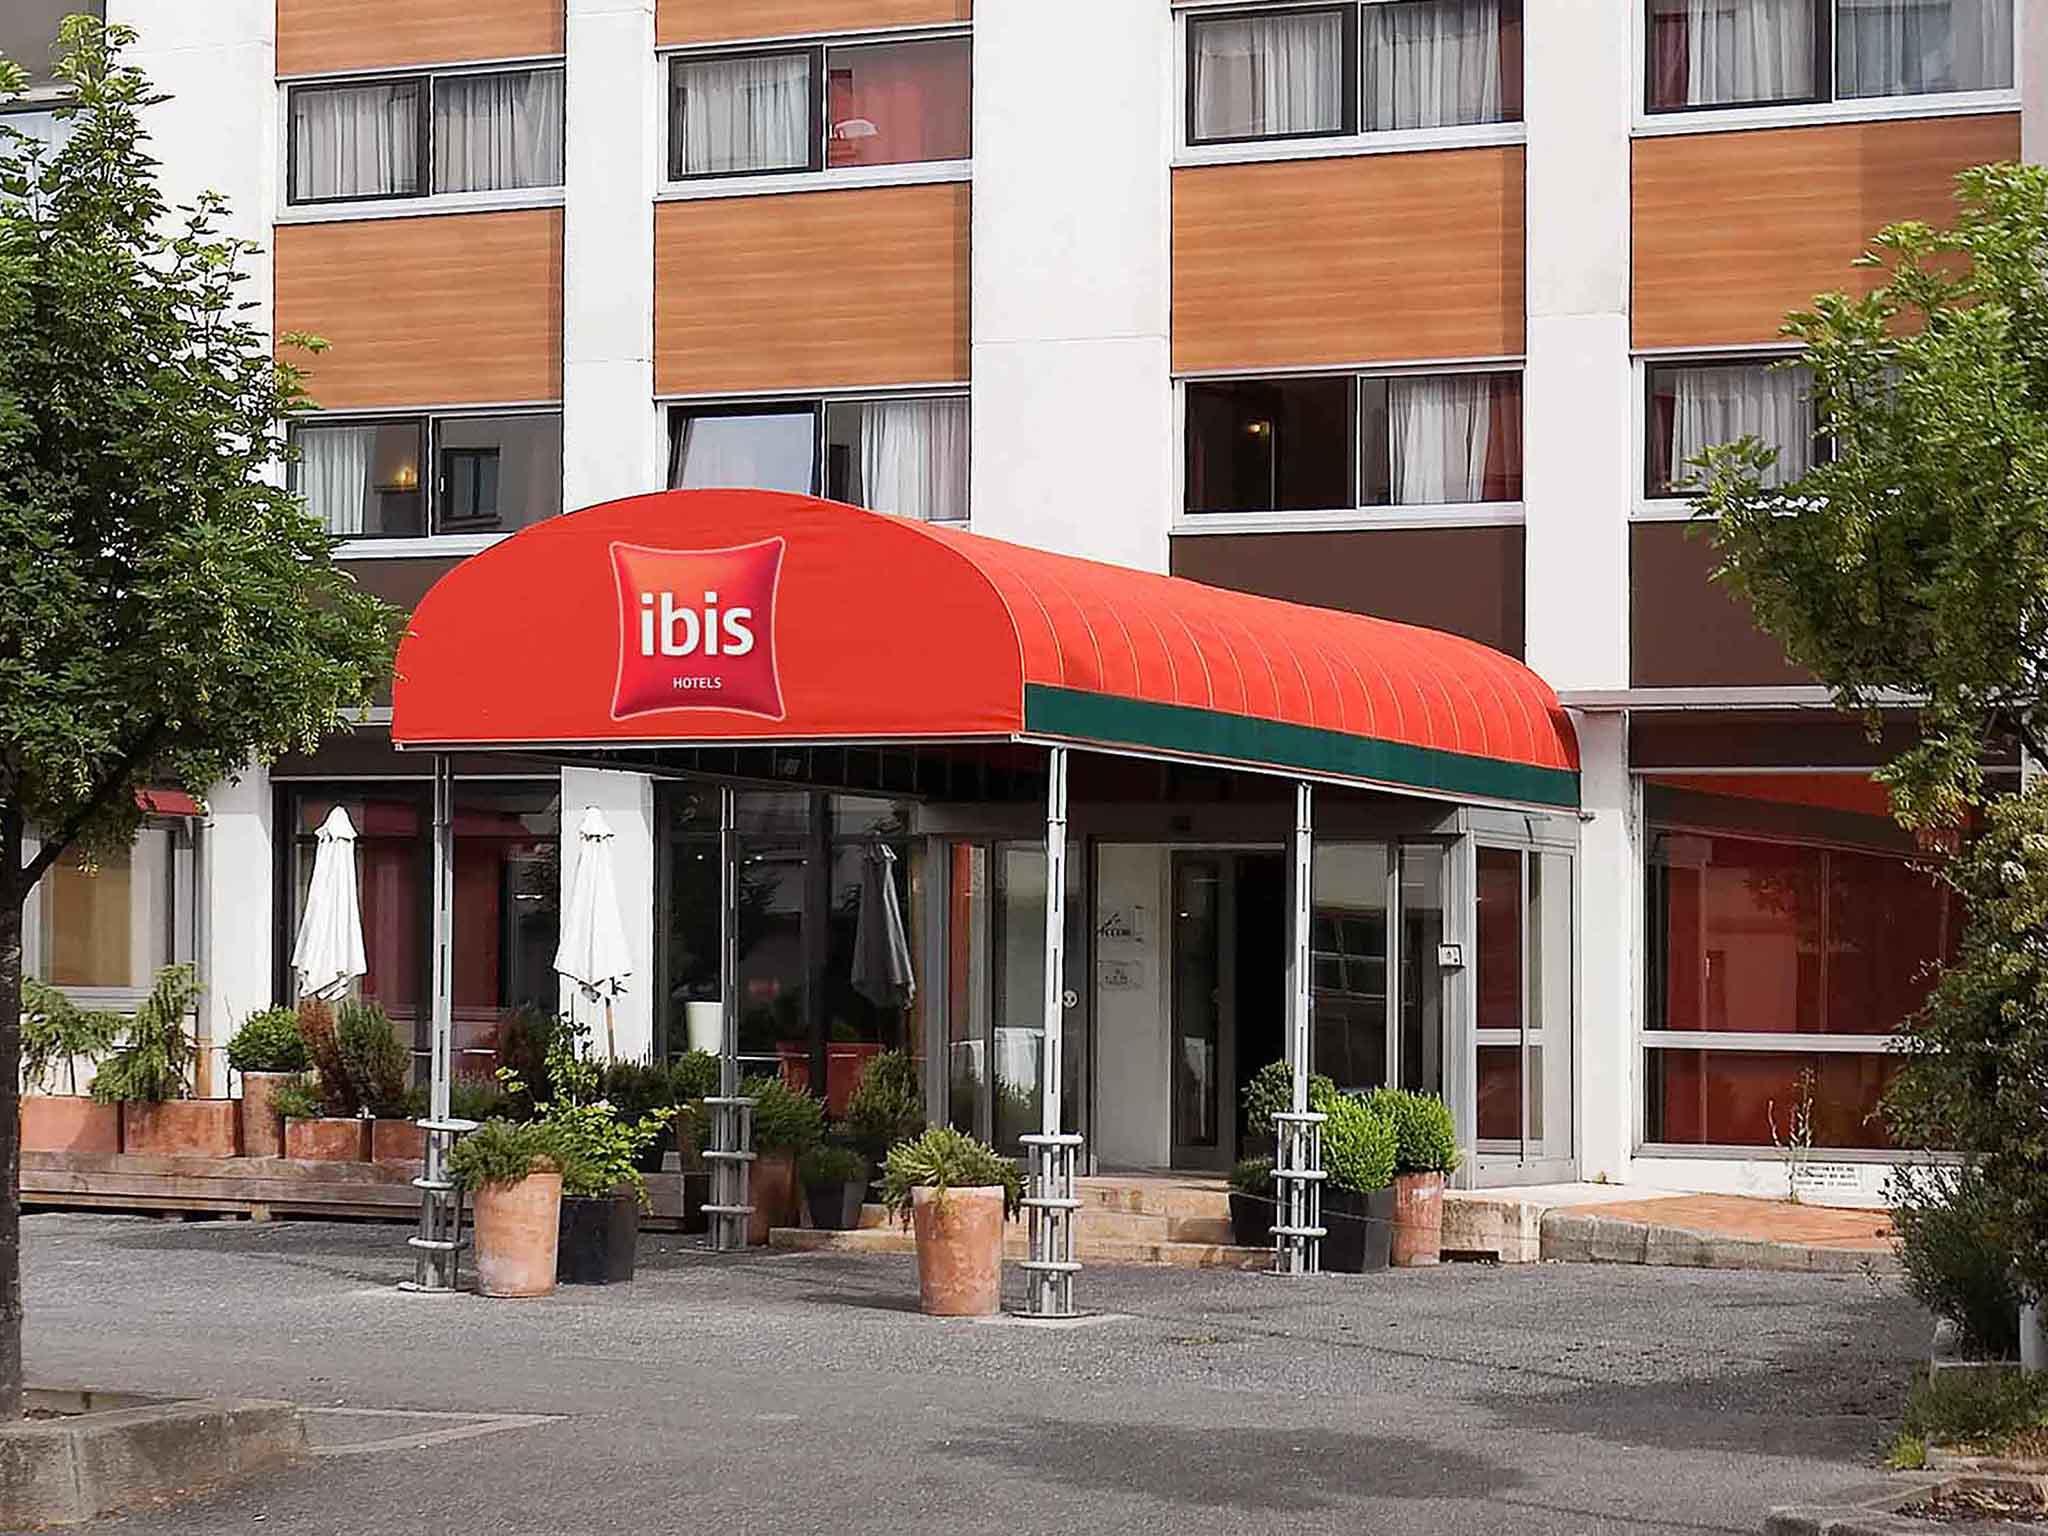 ホテル – アイビスアンヌマス